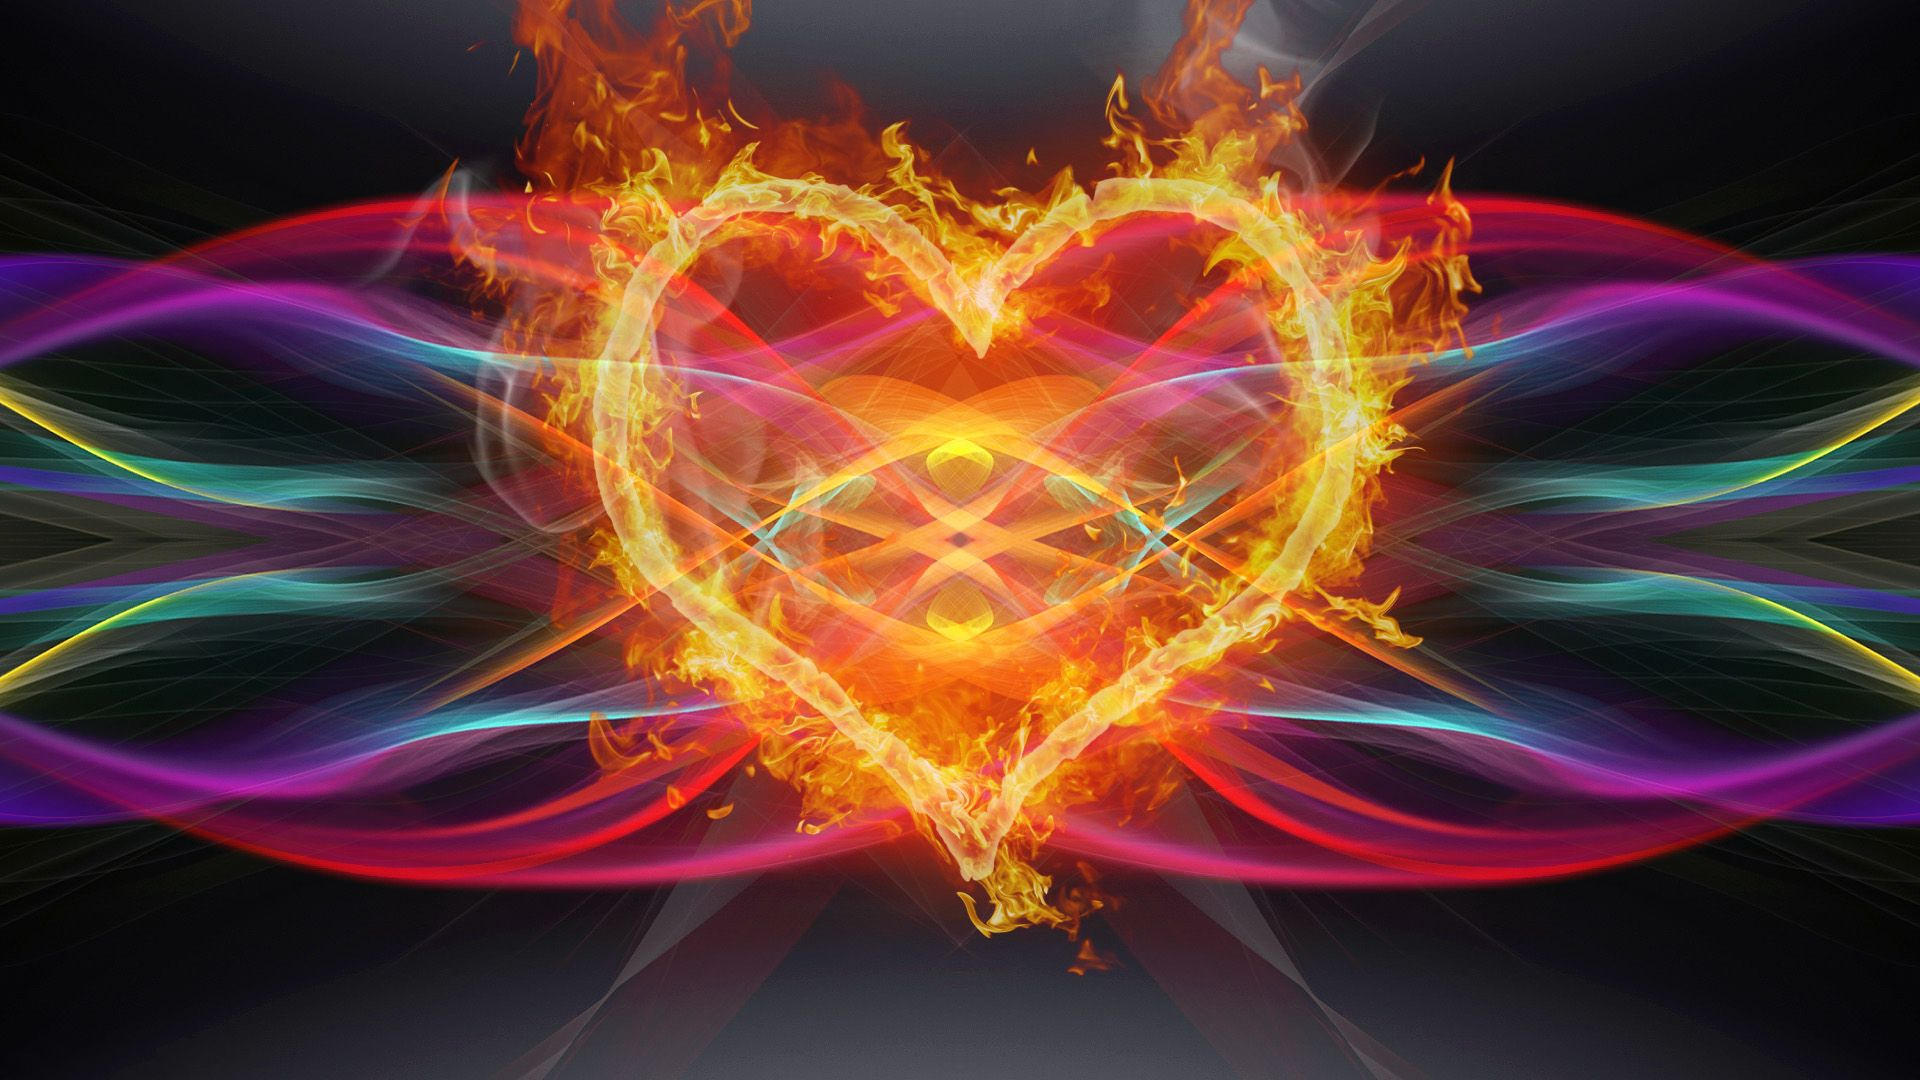 Heart Of Fire, Hearts Fire